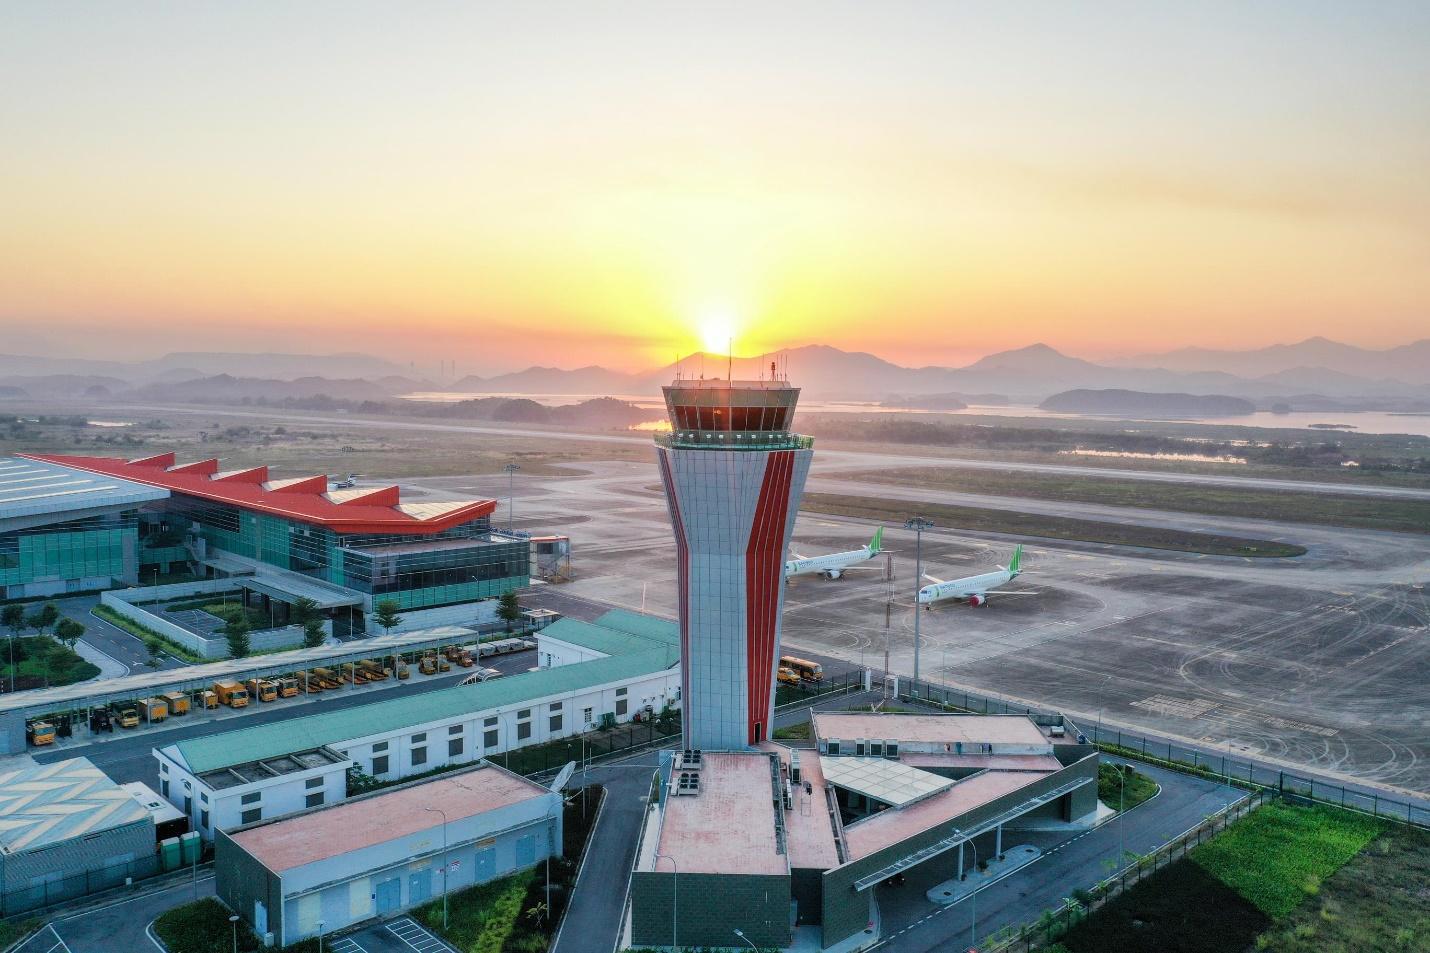 Điều ít biết về kiến trúc độc đáo của Sân bay khu vực hàng đầu thế giới 2020 (Kính nhờ chị hỗ trợ cho đăng giúp em vị trí Bài ảnh và Title xuất hiện trang chủ với ạ!) - Ảnh 6.